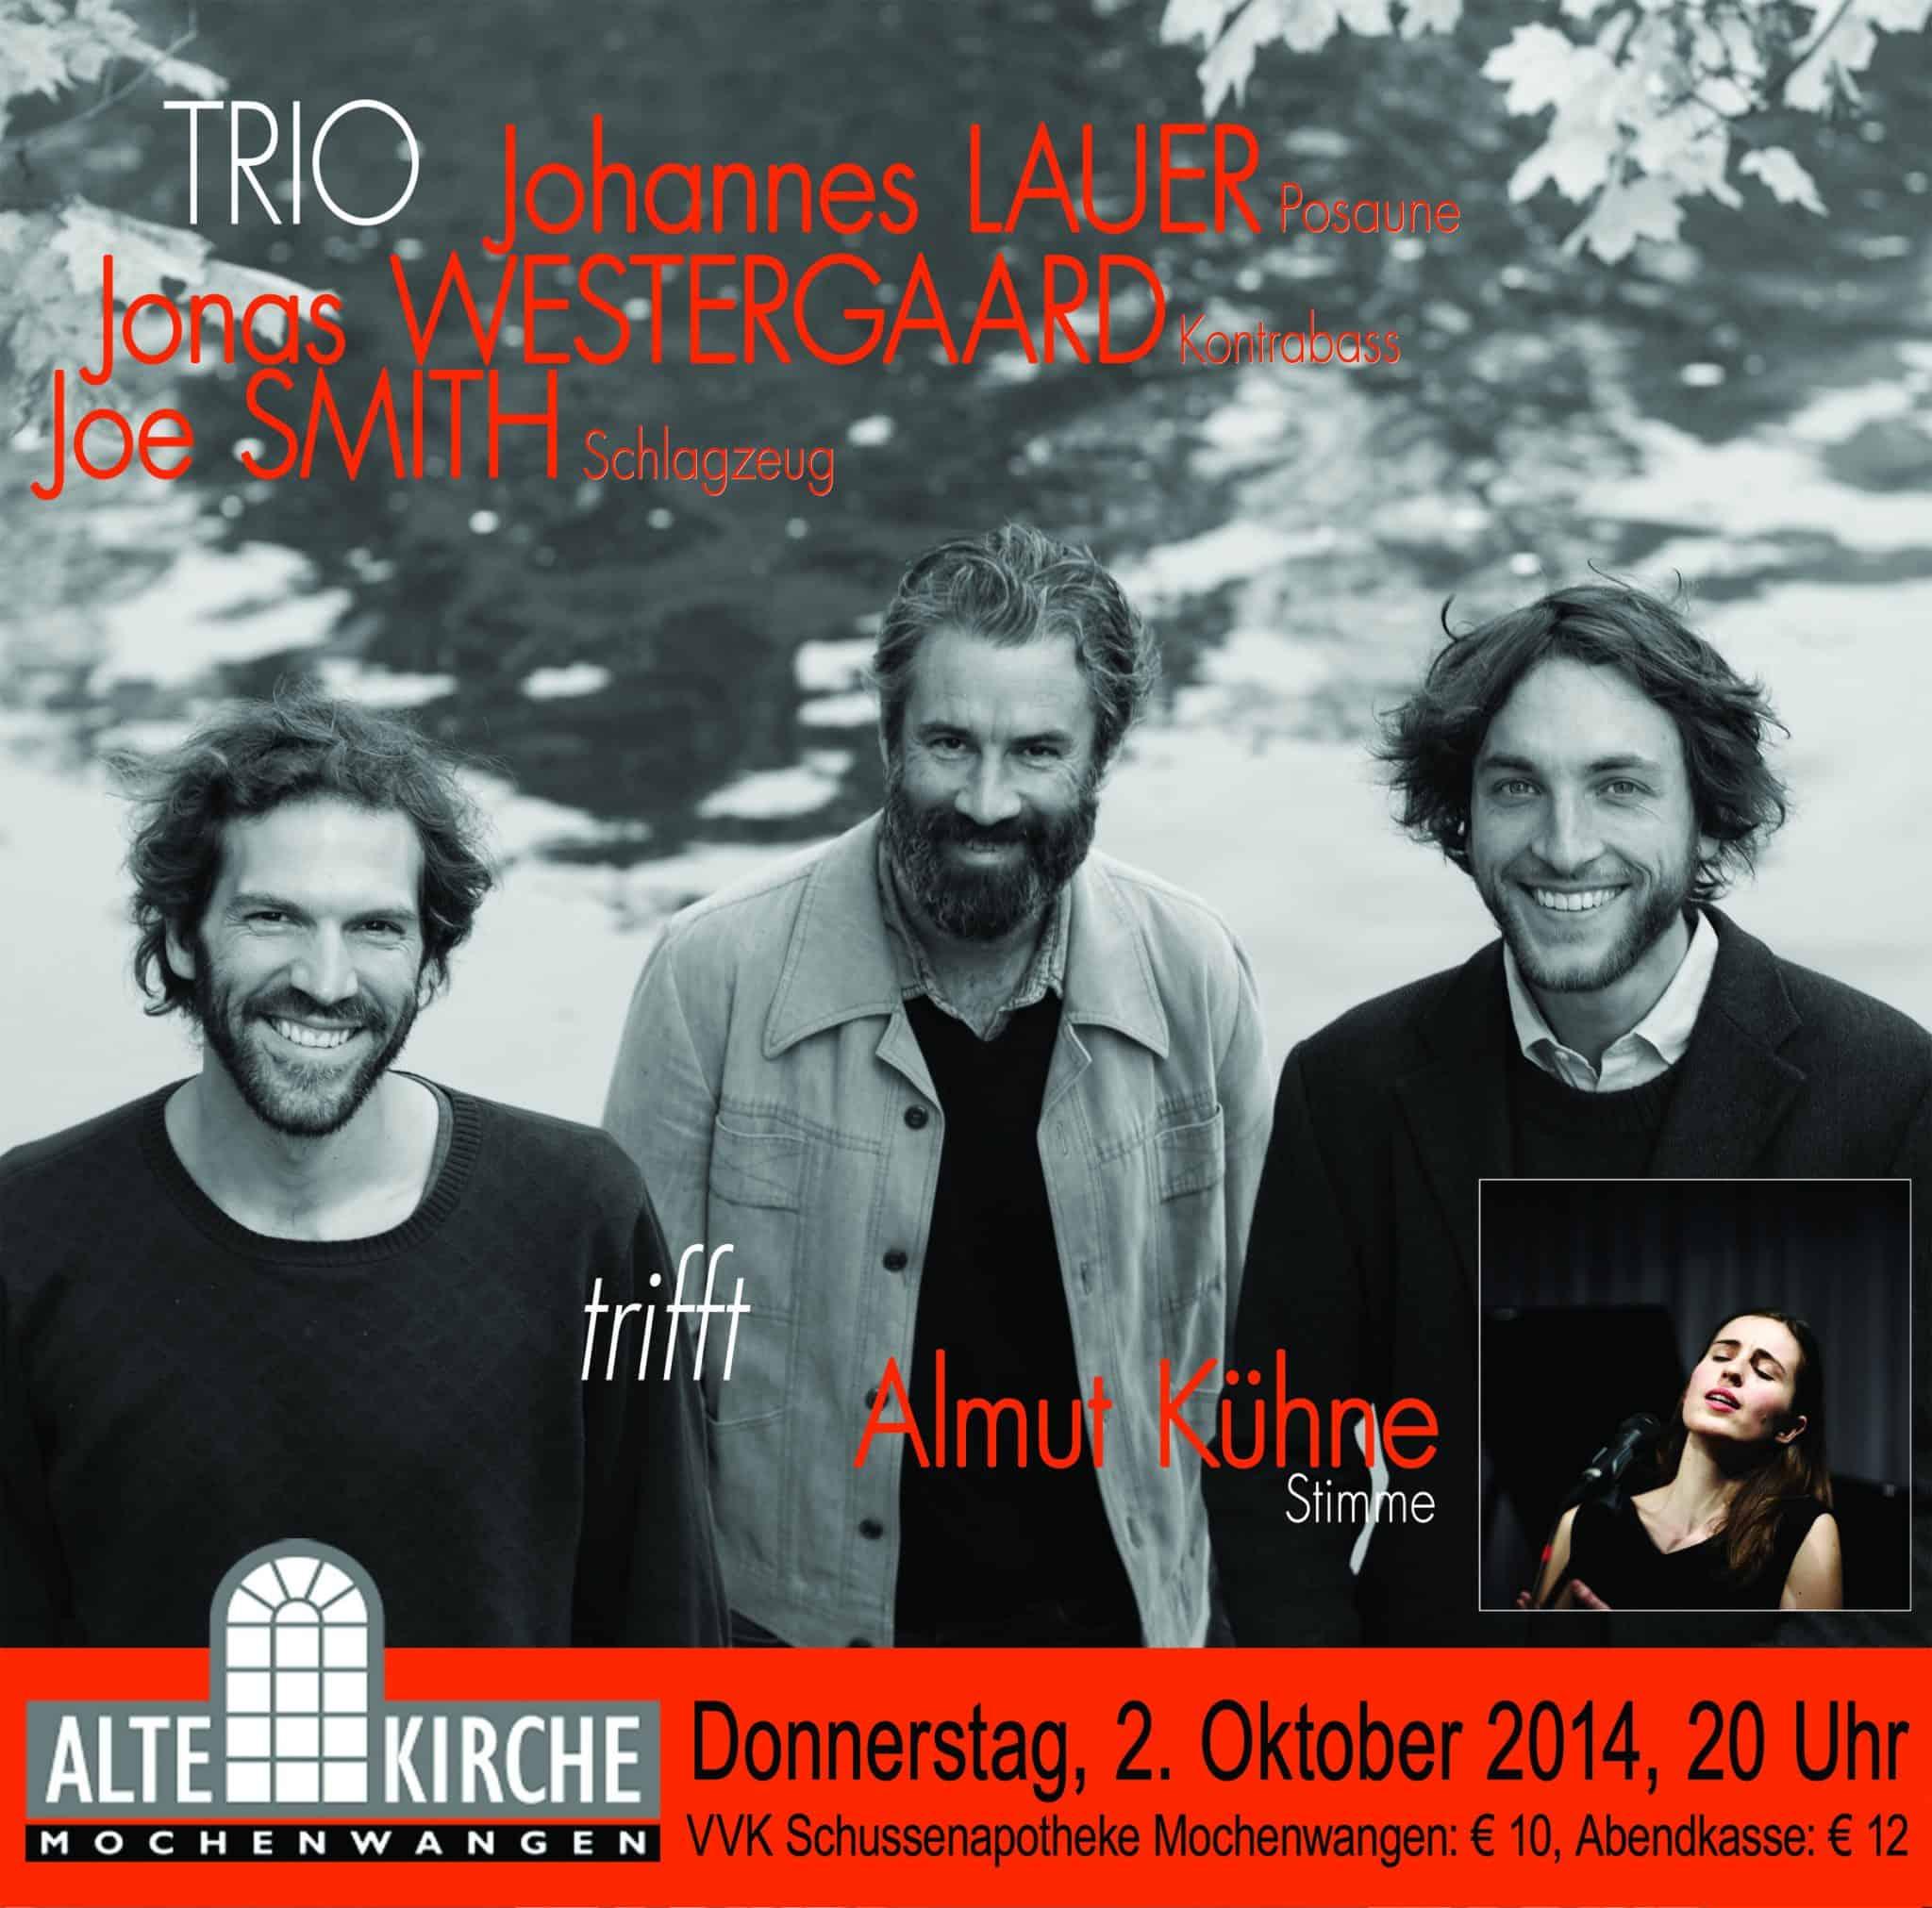 Jazz-Konzert  in der Alten Kirche:  2. Oktober 2014 um 20 Uhr